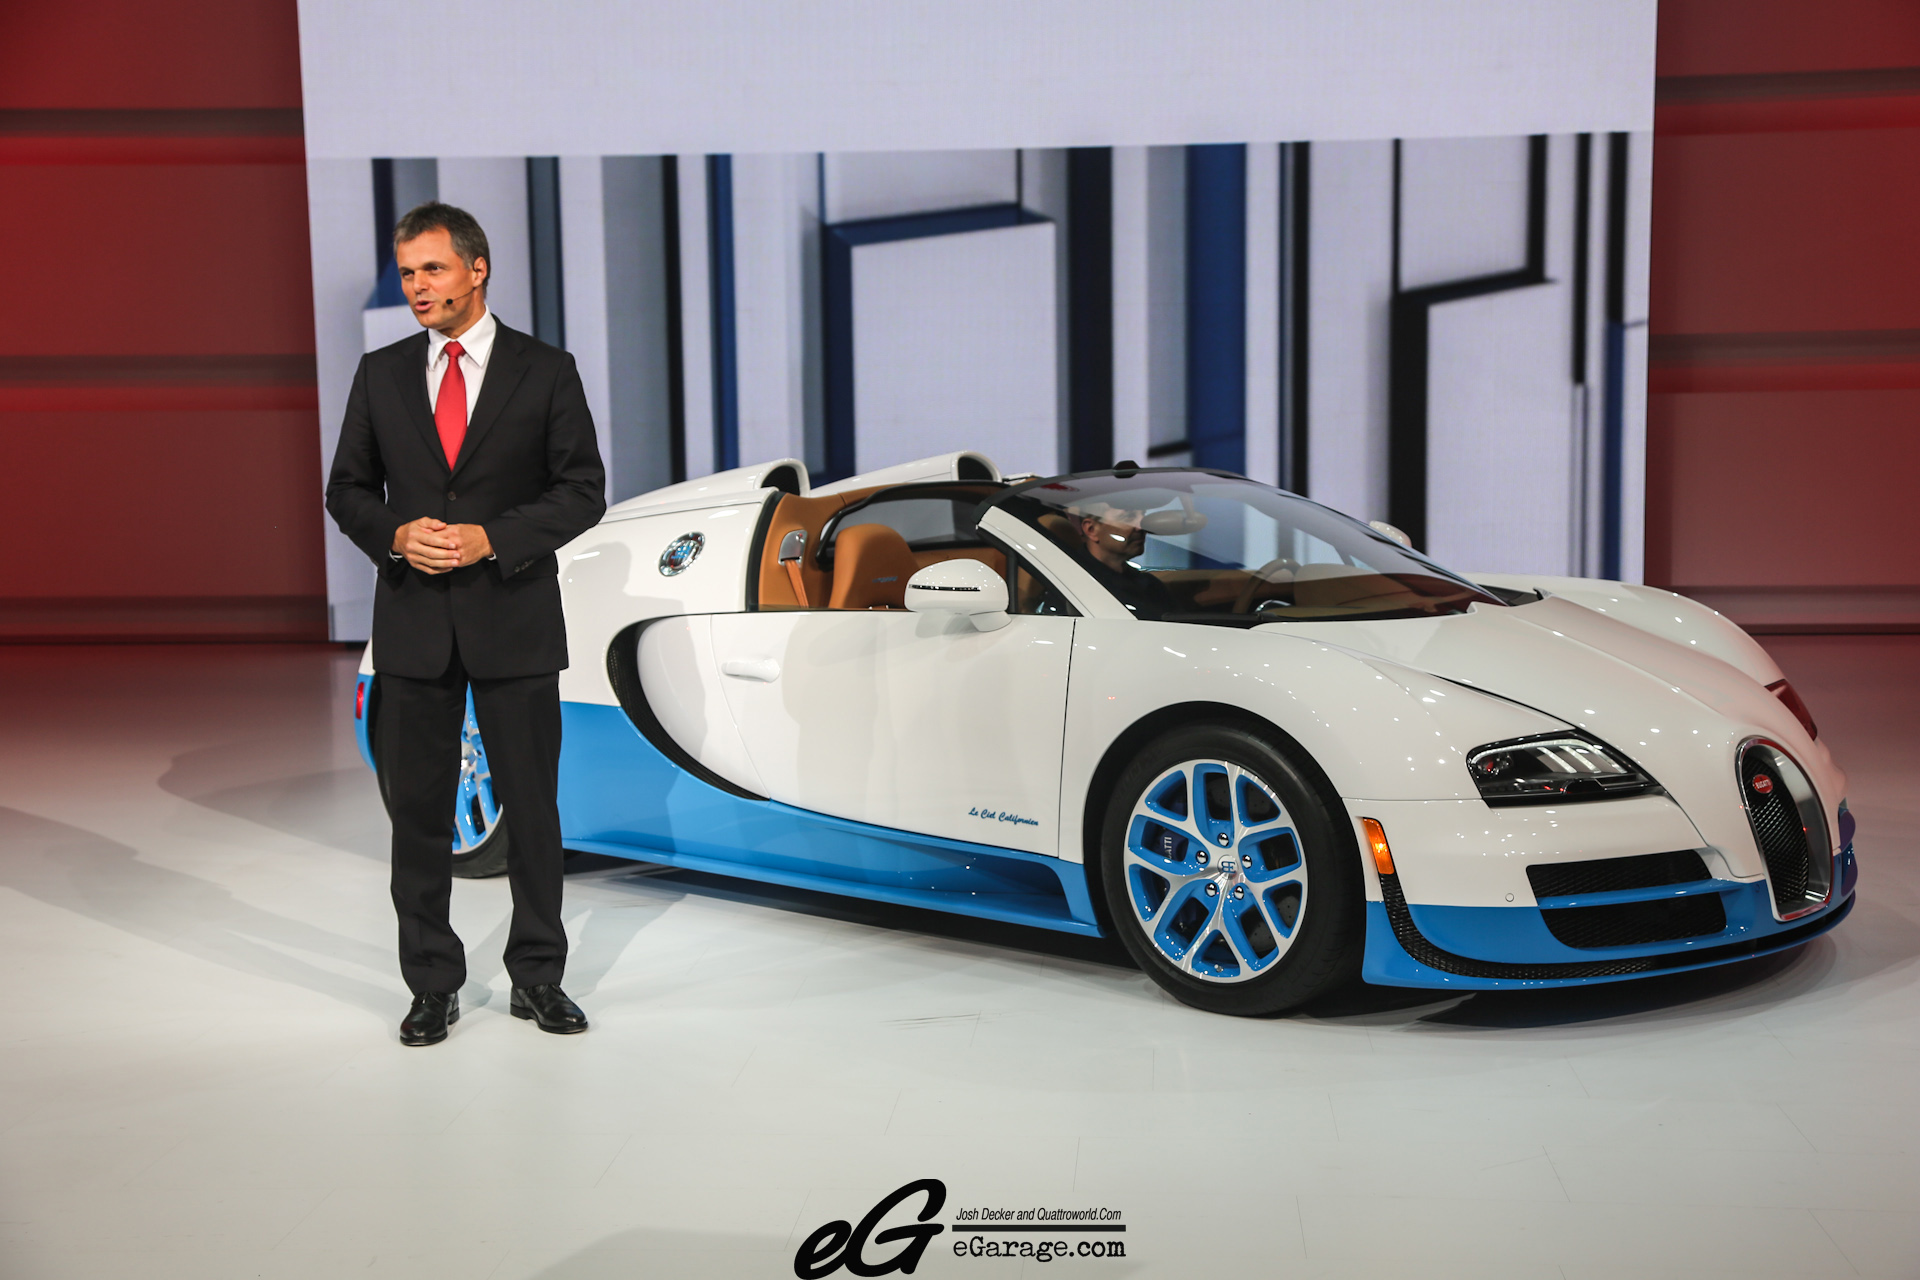 8030386301 801d734b3d o 2012 Paris Motor Show